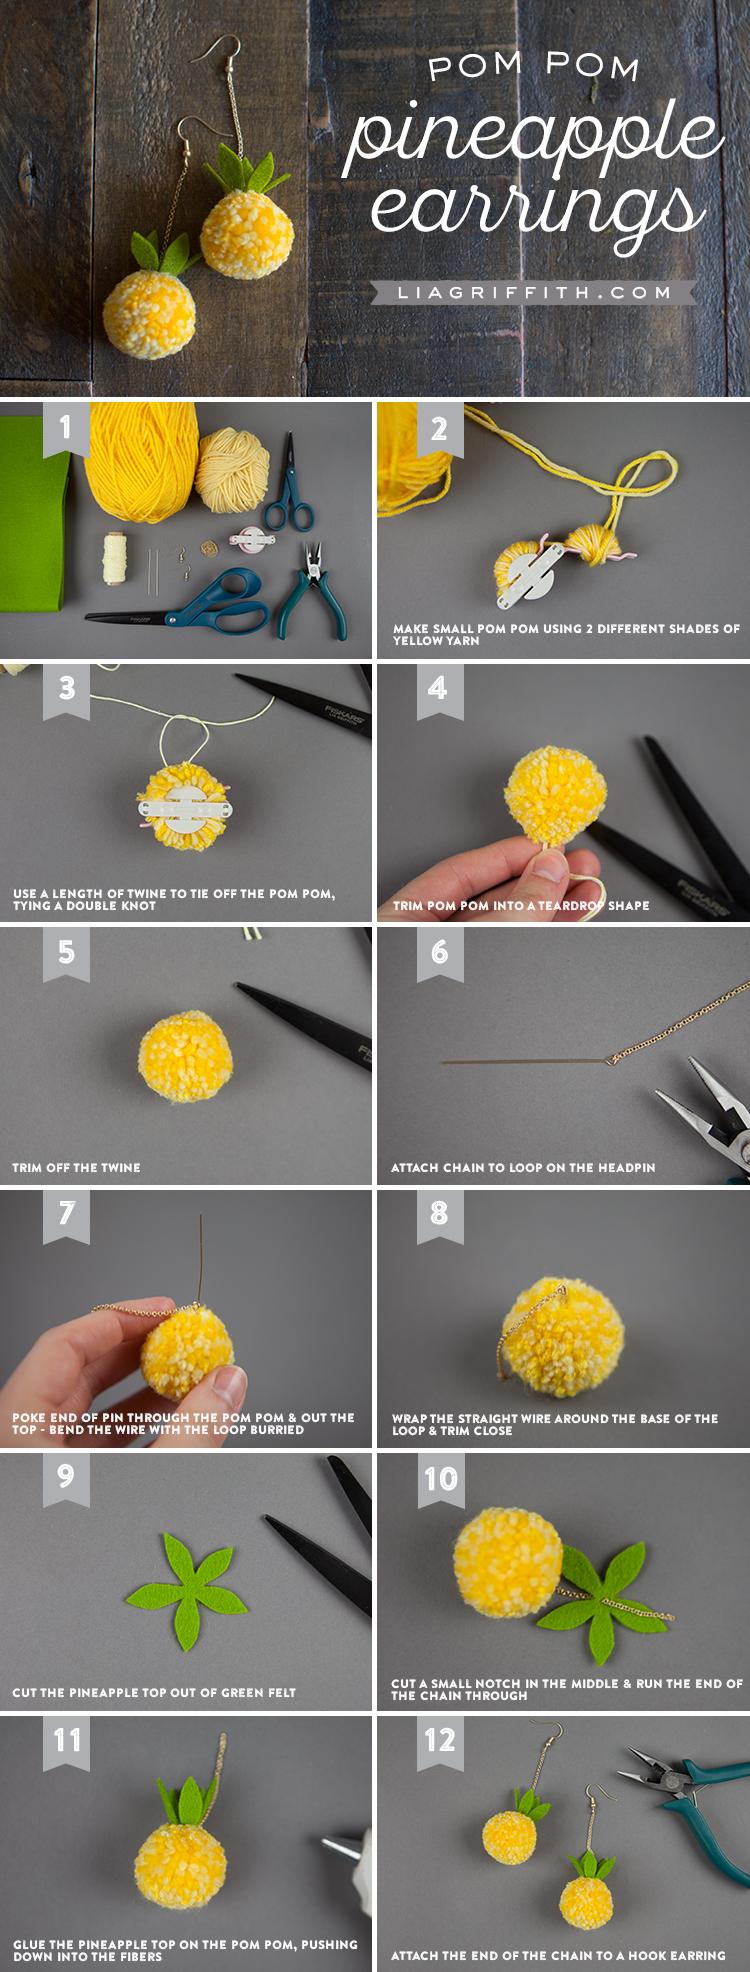 pom pom pineapple earrings photo tutorial